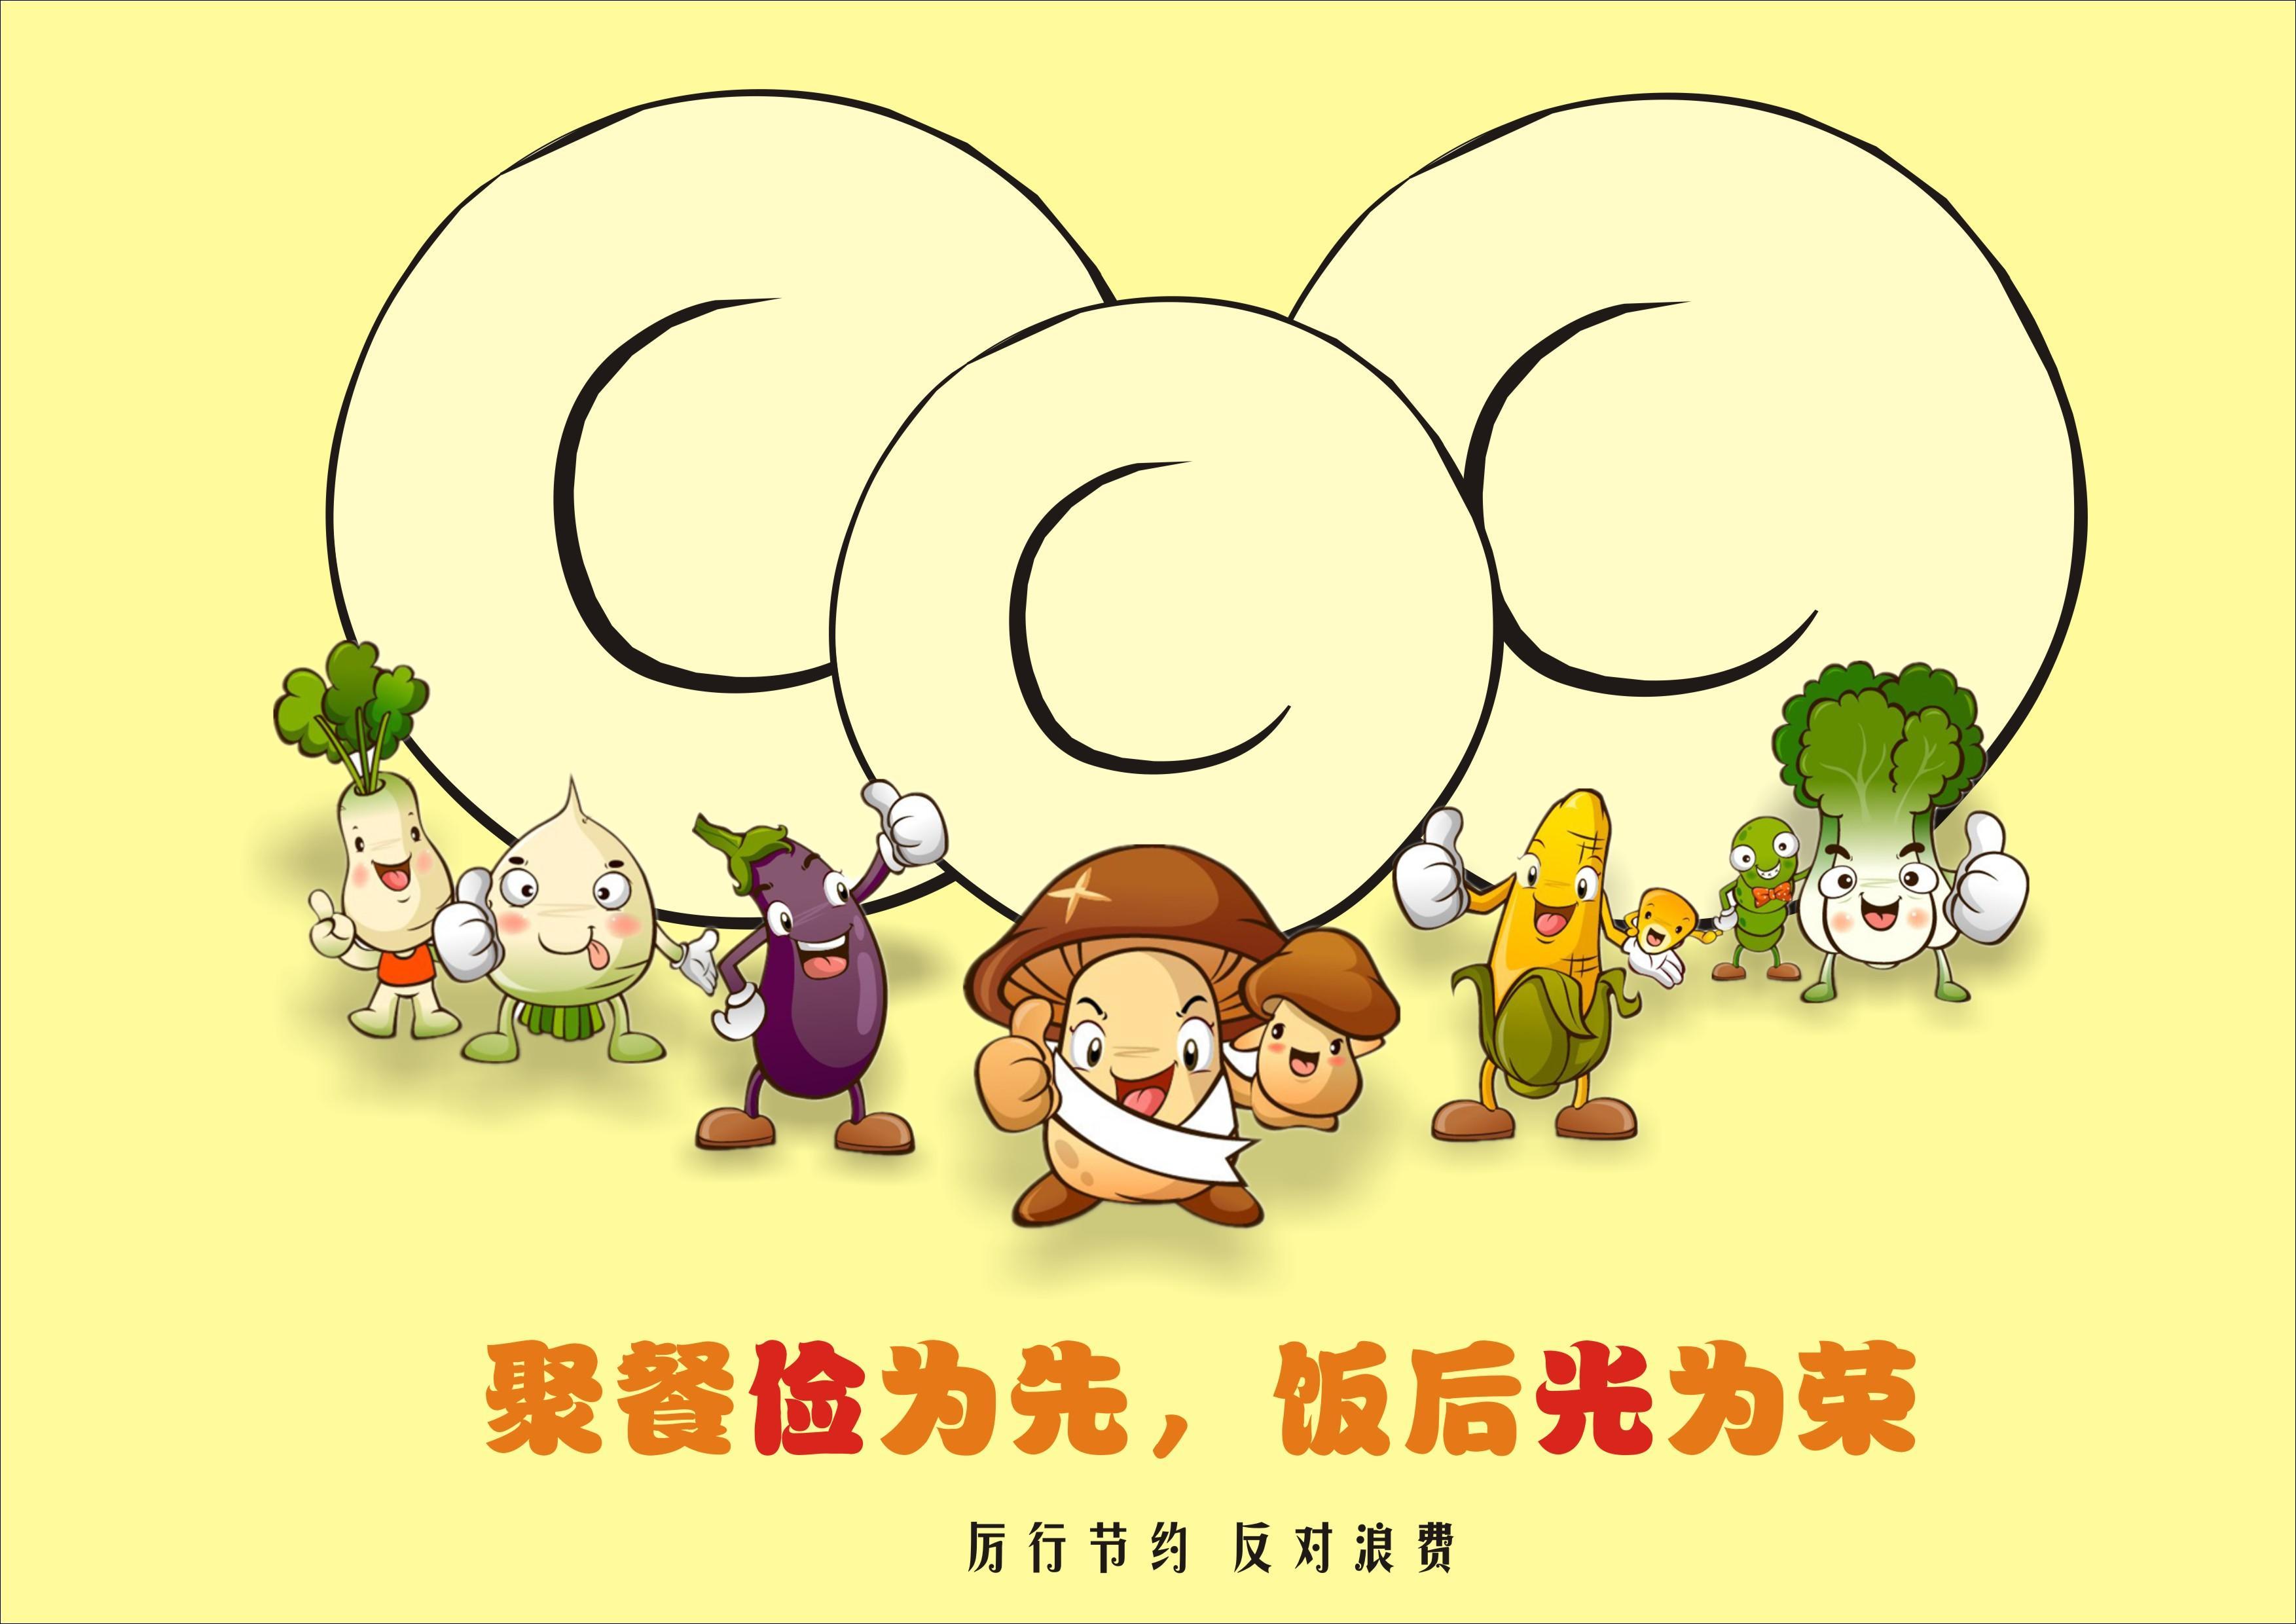 动漫 卡通 漫画 头像 3507_2480